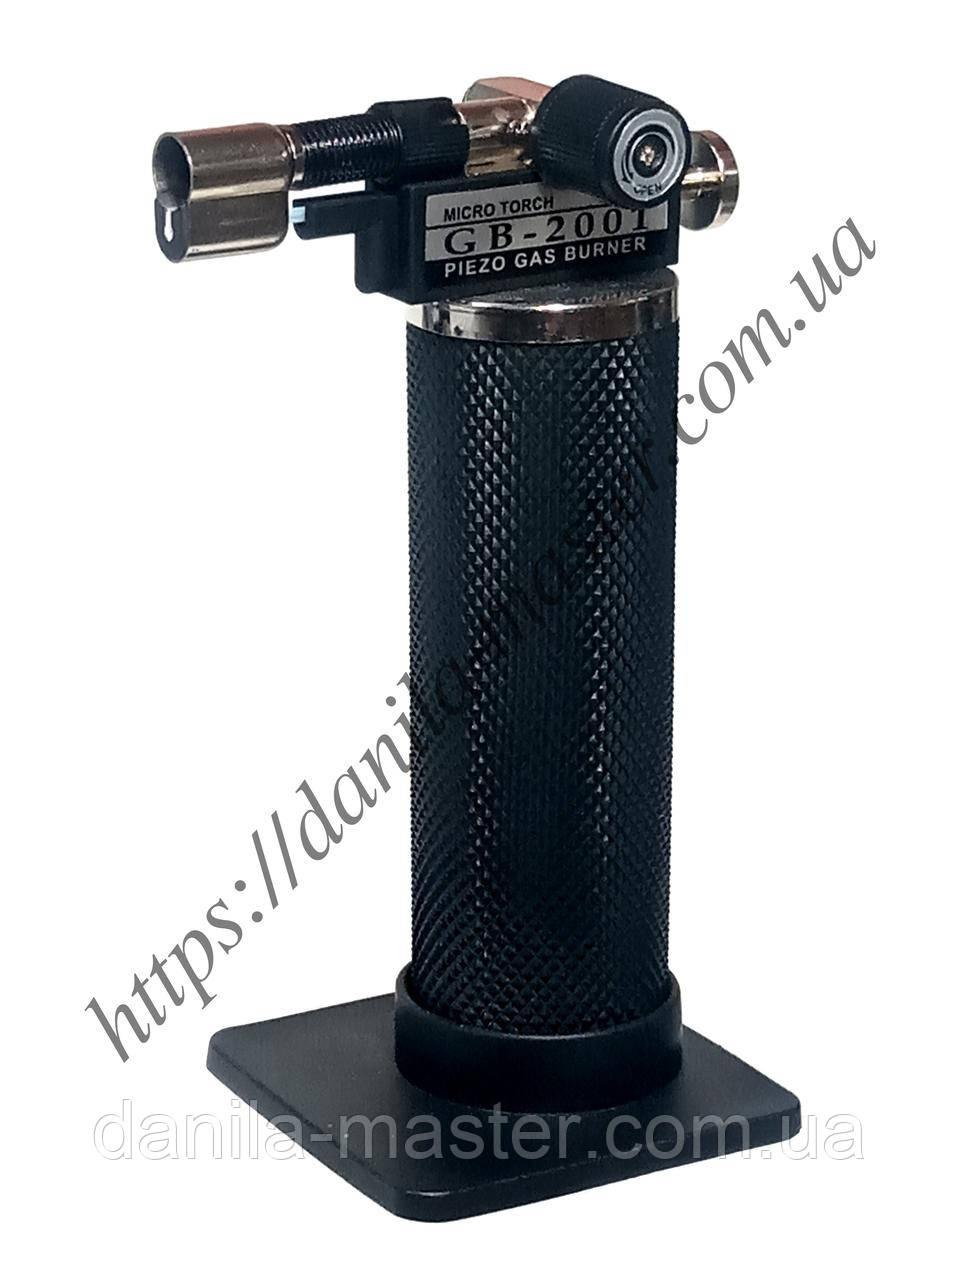 Горелка газовая ручная GB2001 (С-12.1)